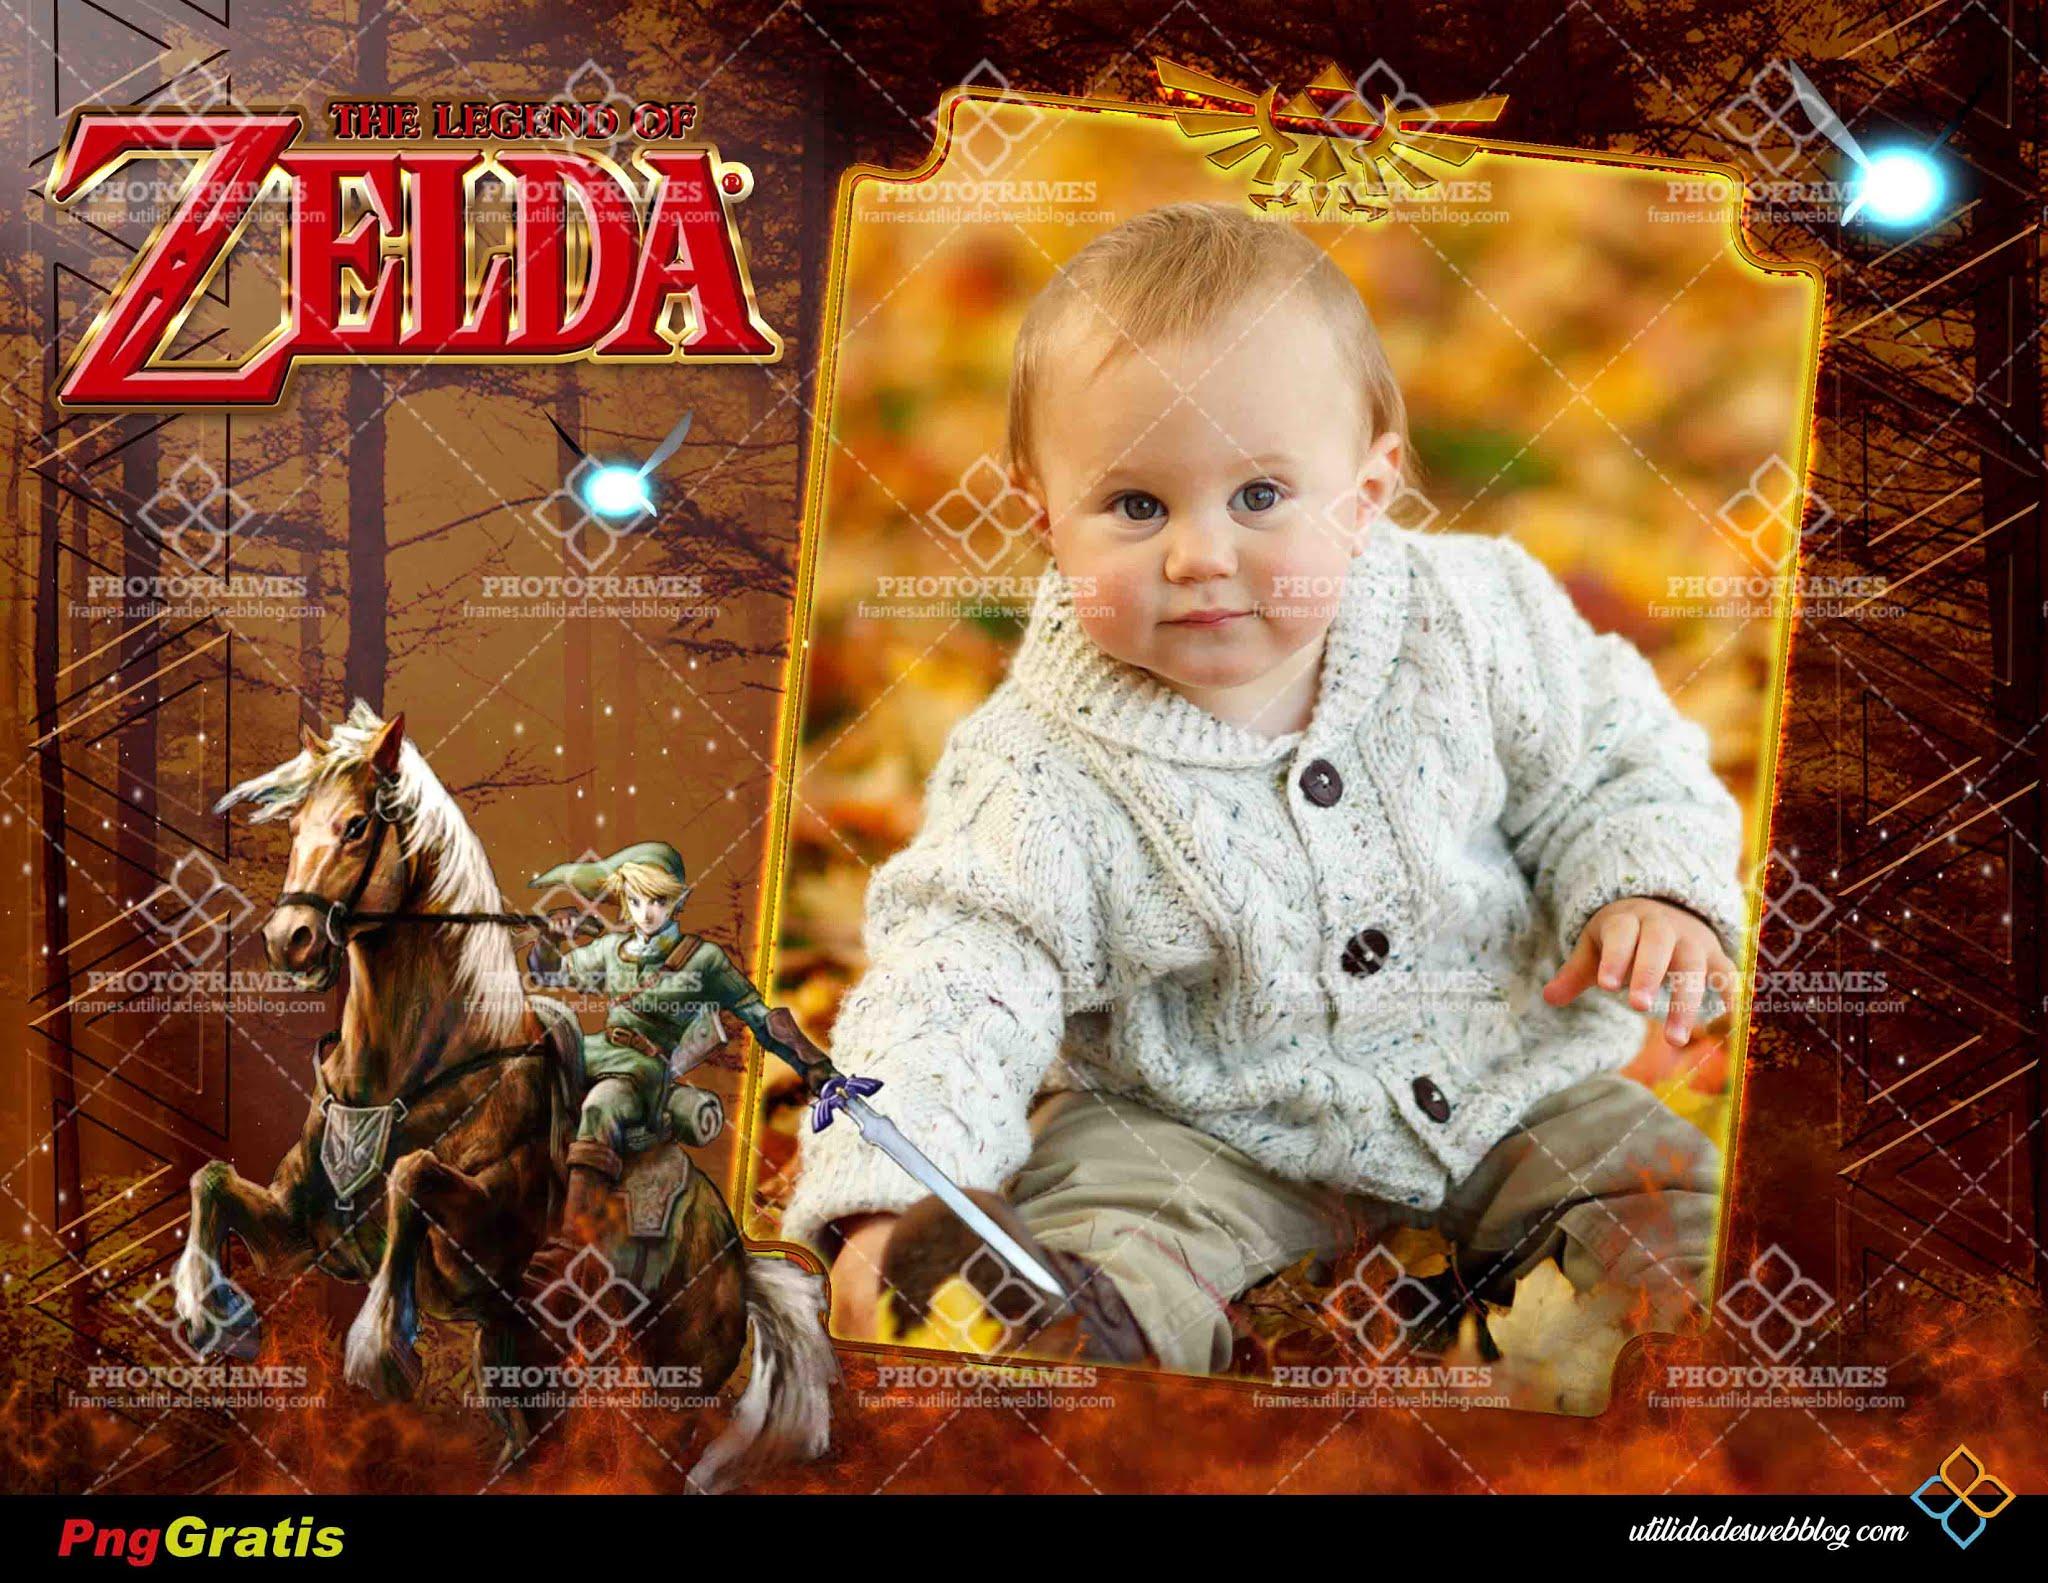 Marco para fotos de el videojuego The Legend of Zelda